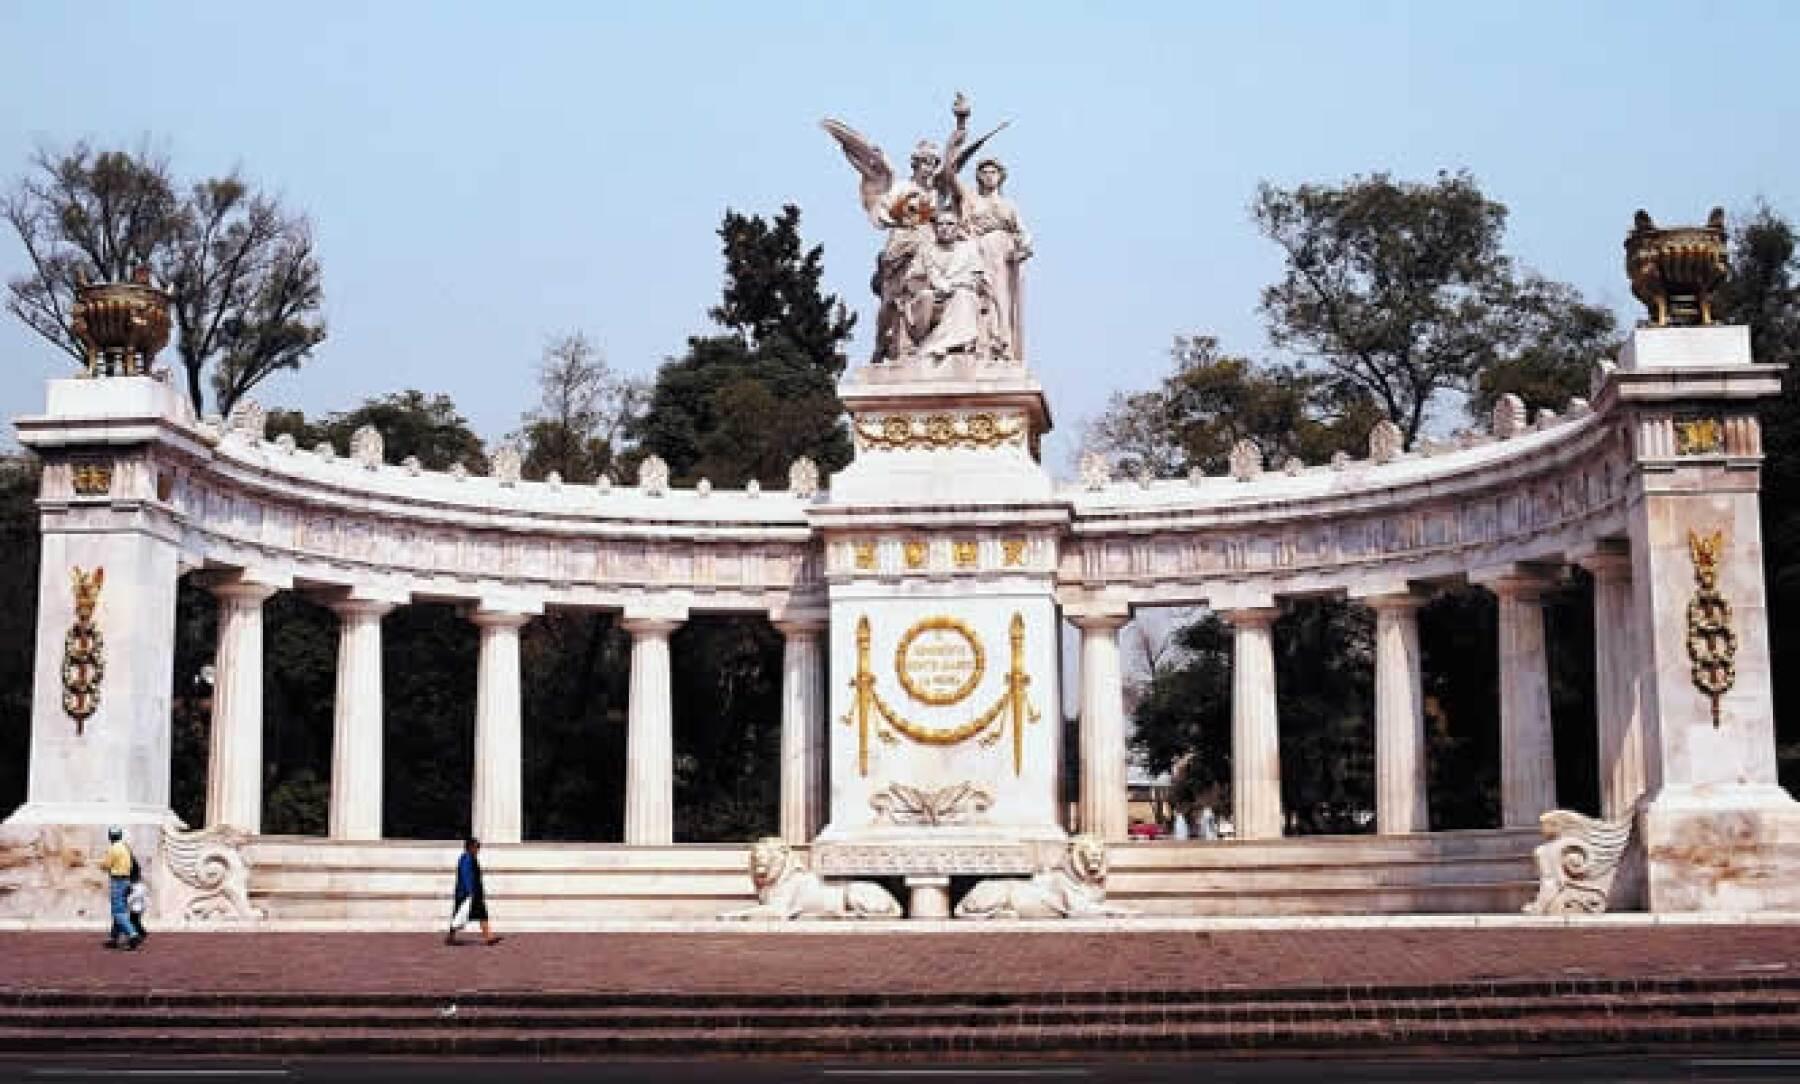 Con mármol de Carrara y un costo de 399 mil pesos de 1910, este cenotafio honra a Benito Juárez, uno de los principales personajes durante el inicio de las reformas en México.